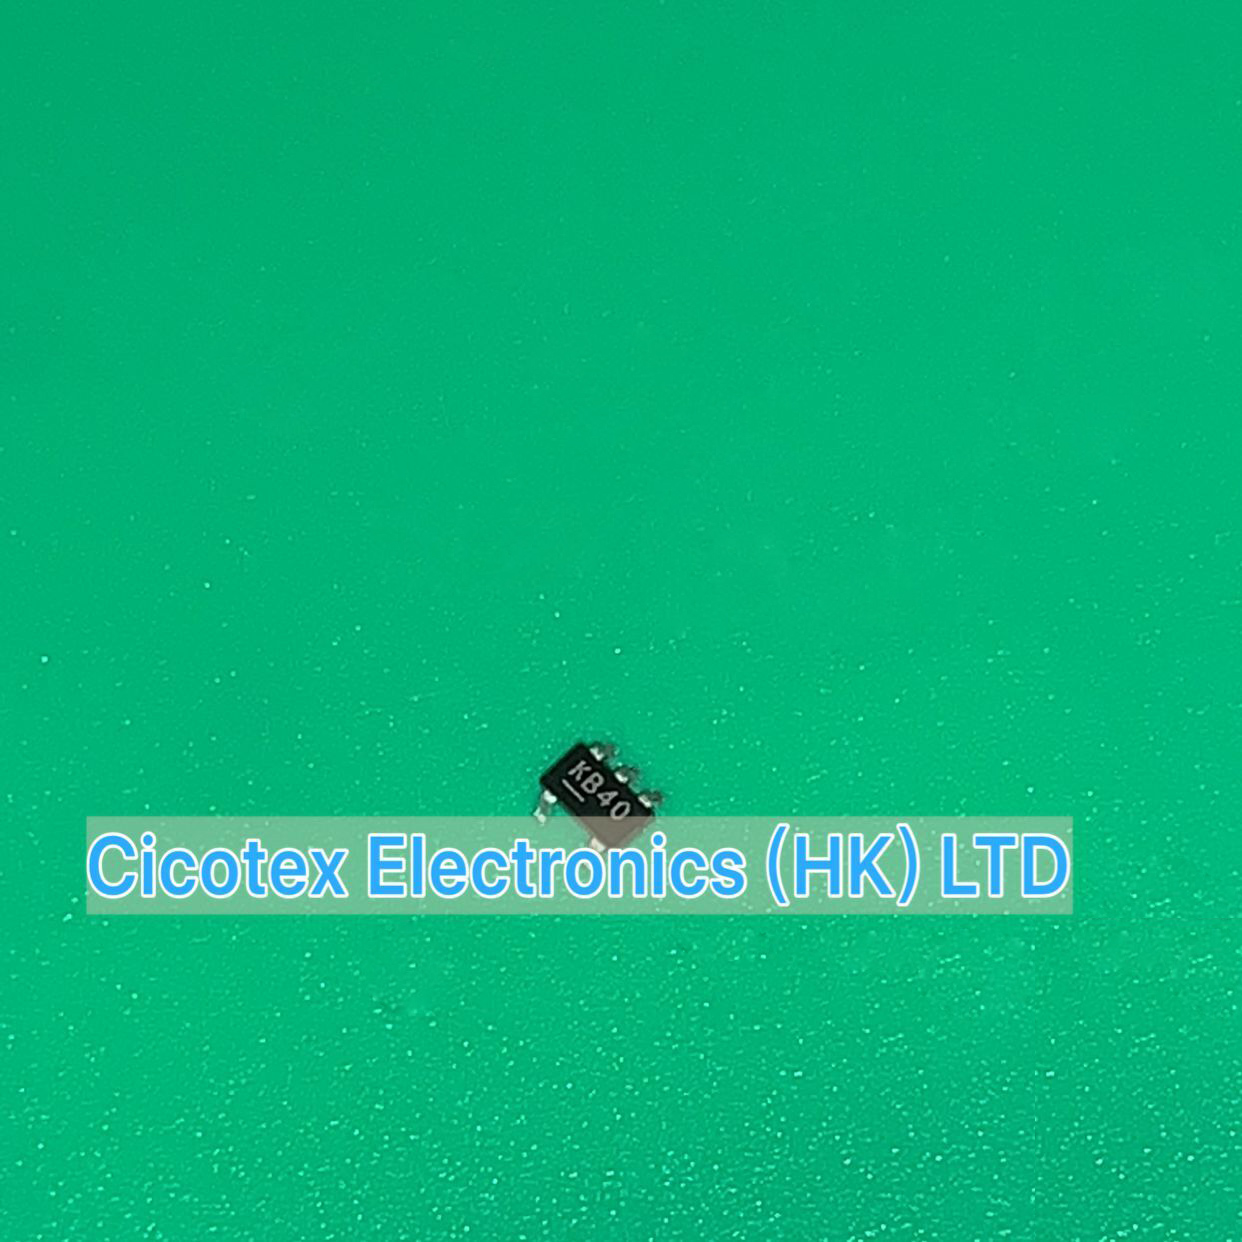 10pcs/lot MIC5205-4.0YM5-TR SOT23 KB40 MIC5205-4.0YM5TR SOT23-5 IC REG LDO 4V 0.15A MIC5205 4.0YM5 5205-4.0 K840 MIC52054.0YM5